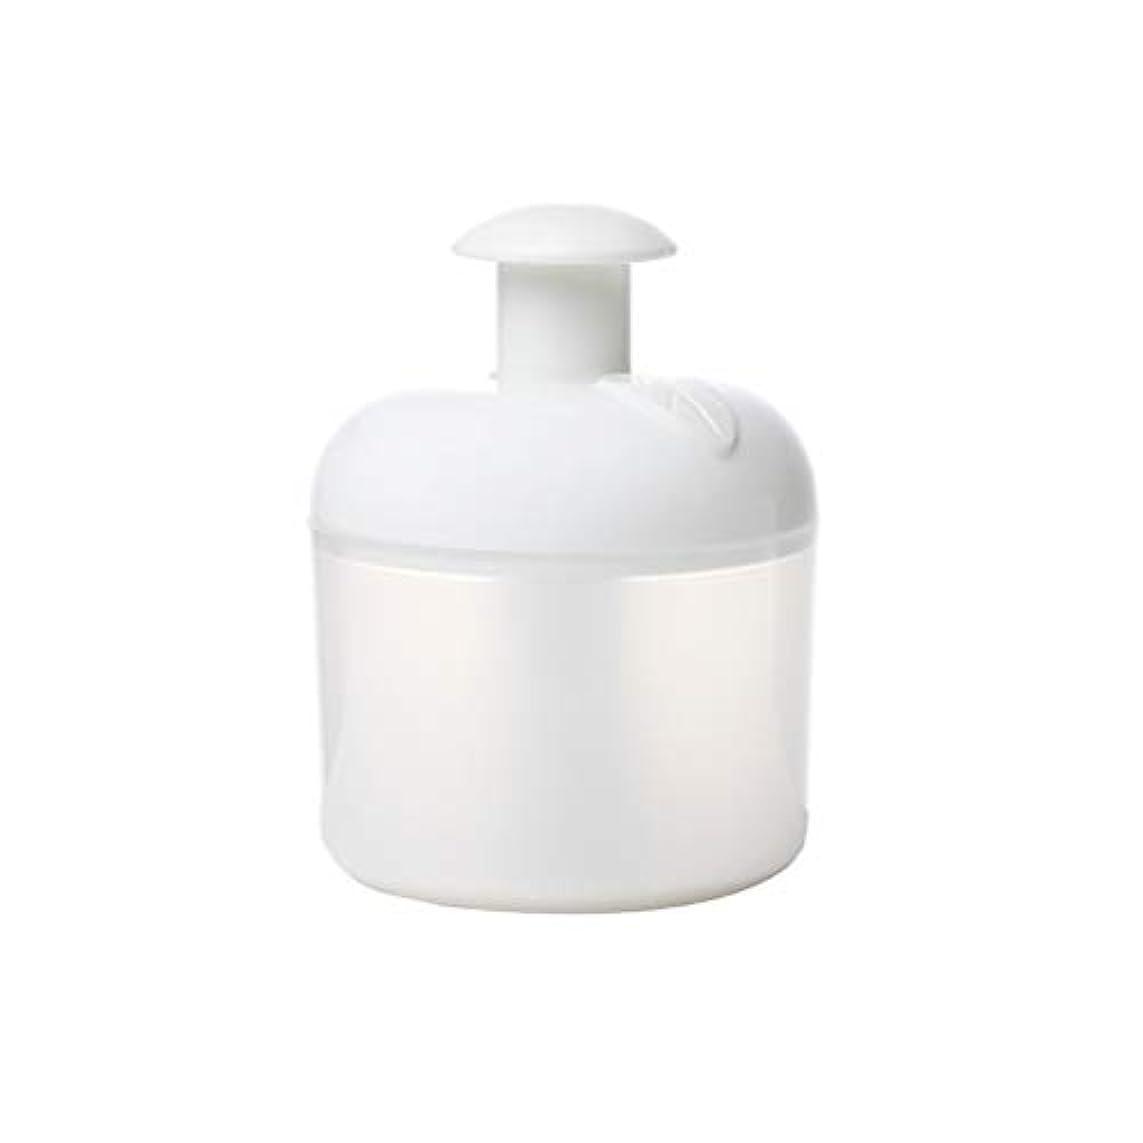 抑圧アダルトに向けて出発Lurrose 洗顔泡立て器フェイスクレンザーバブルメーカー用フェイスウォッシュスキンケアトラベル家庭用(ホワイト)